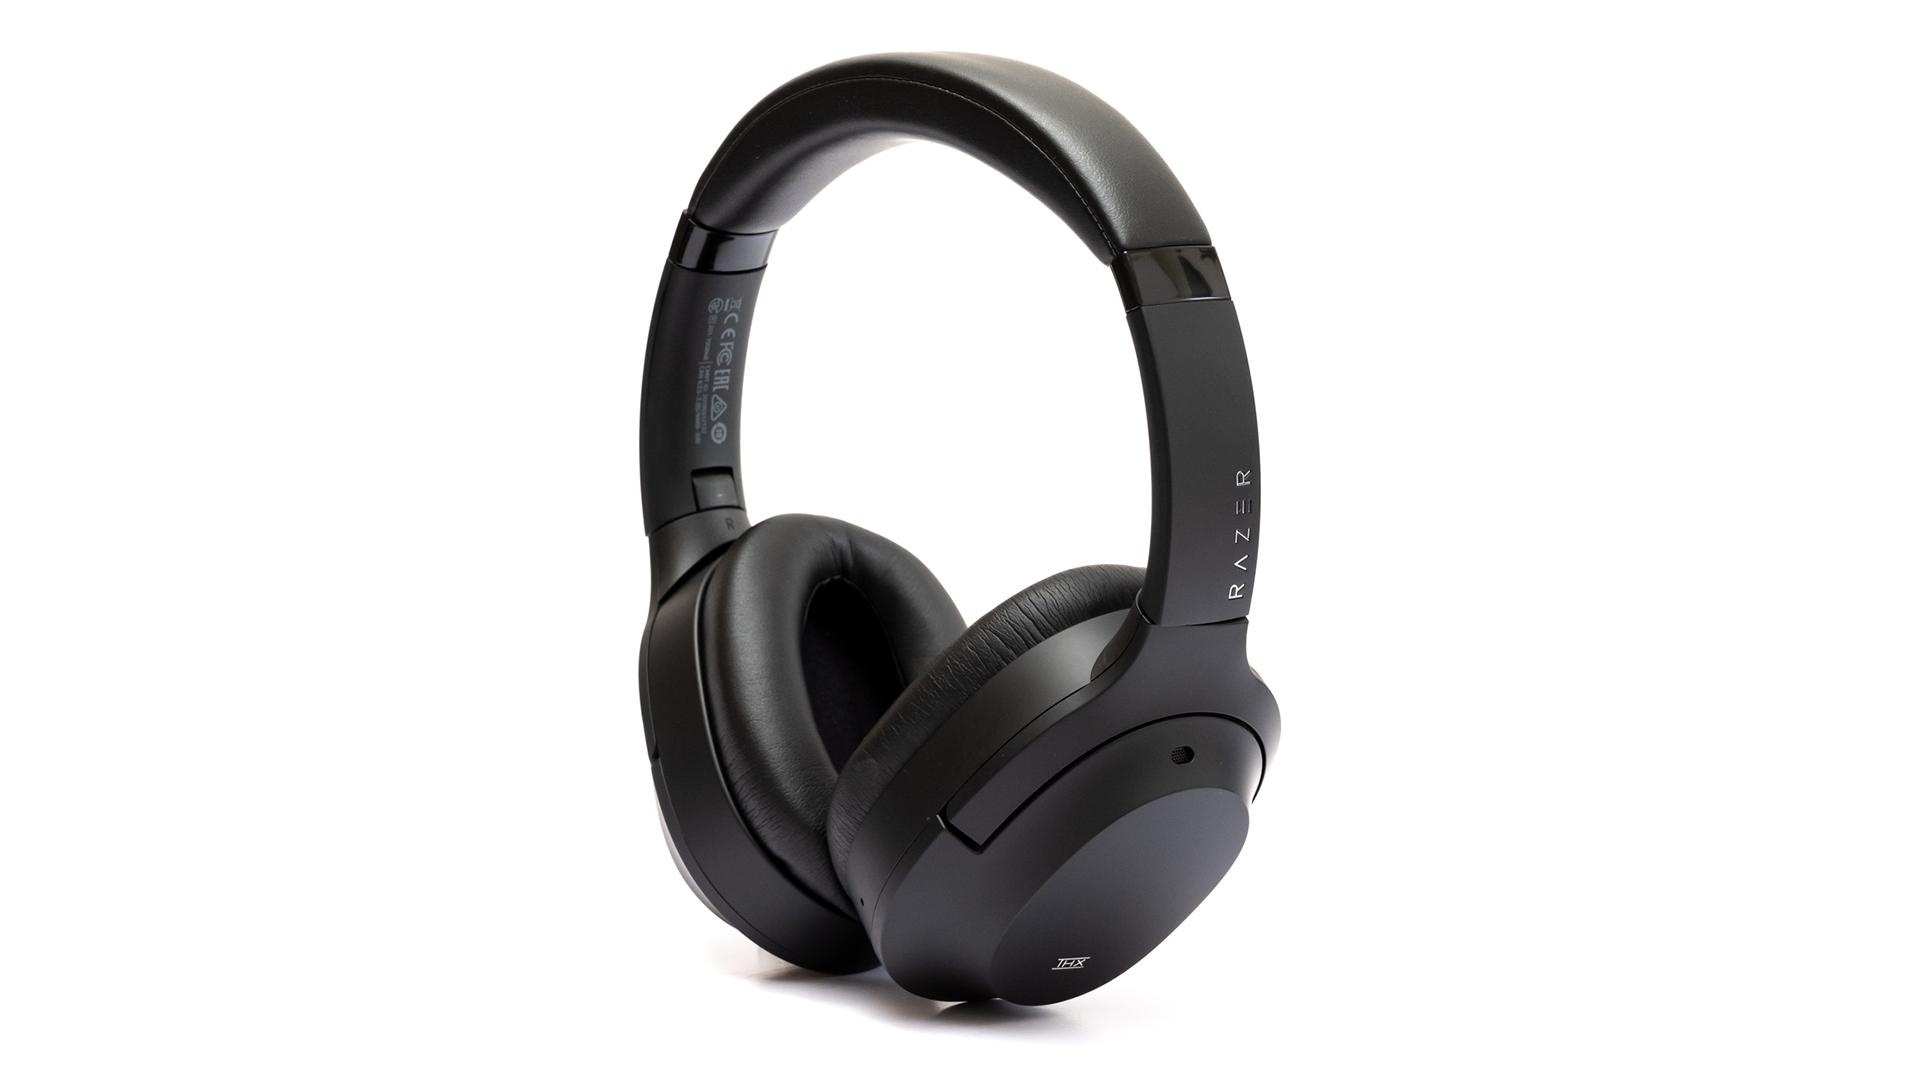 Razer Opus レビュー。約1.5万で買えるWH-1000XM4そっくりなノイキャンヘッドフォン